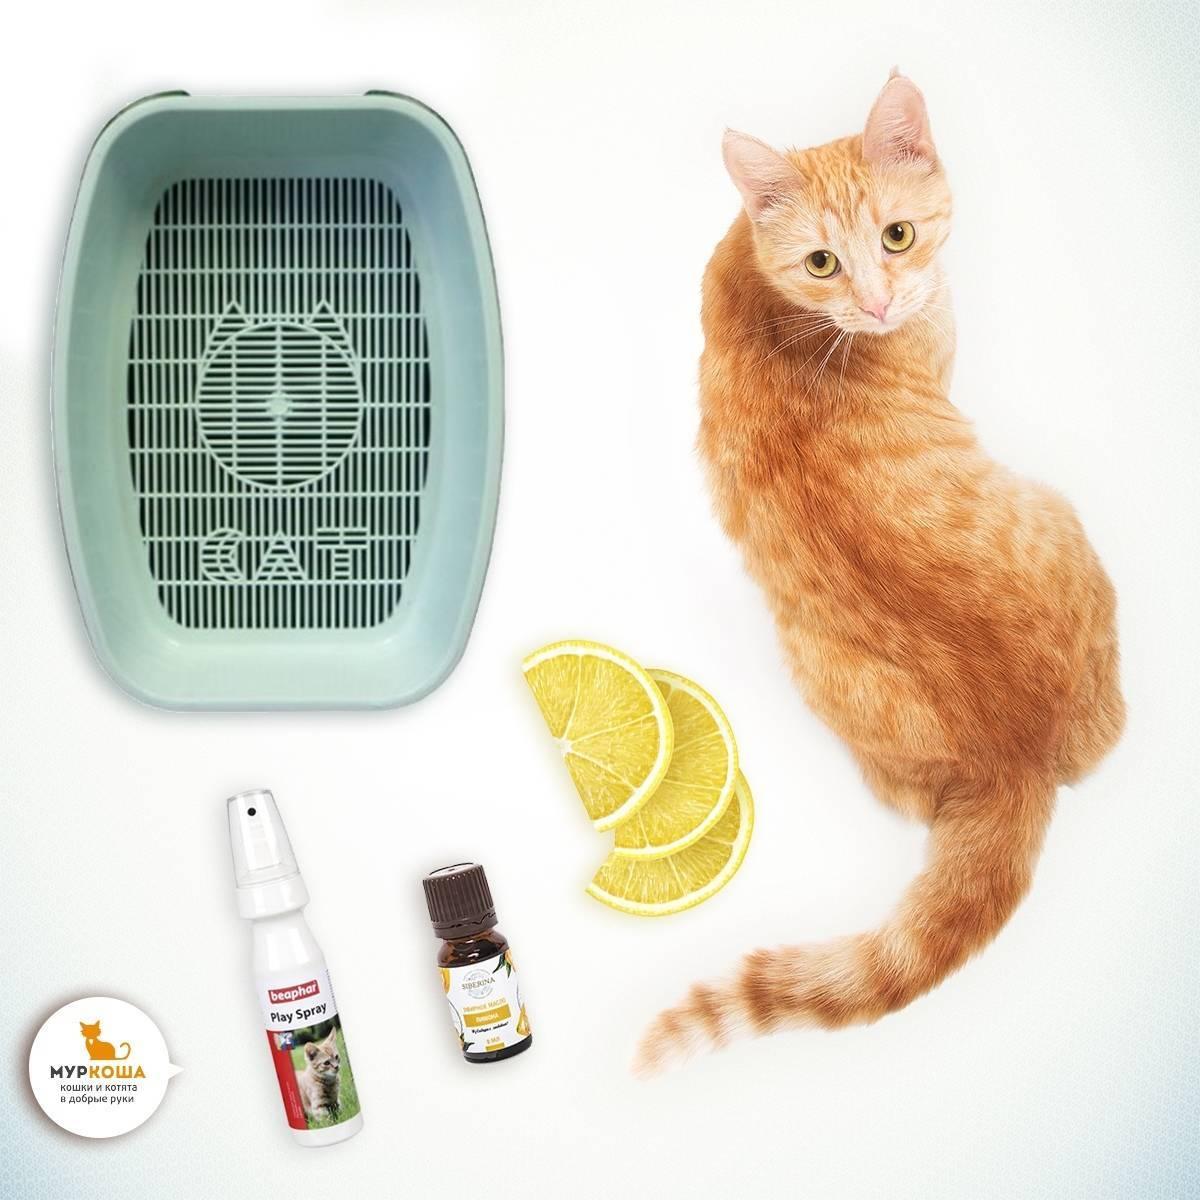 Как отучить кота гадить где попало: эффективные методы | рутвет - найдёт ответ!